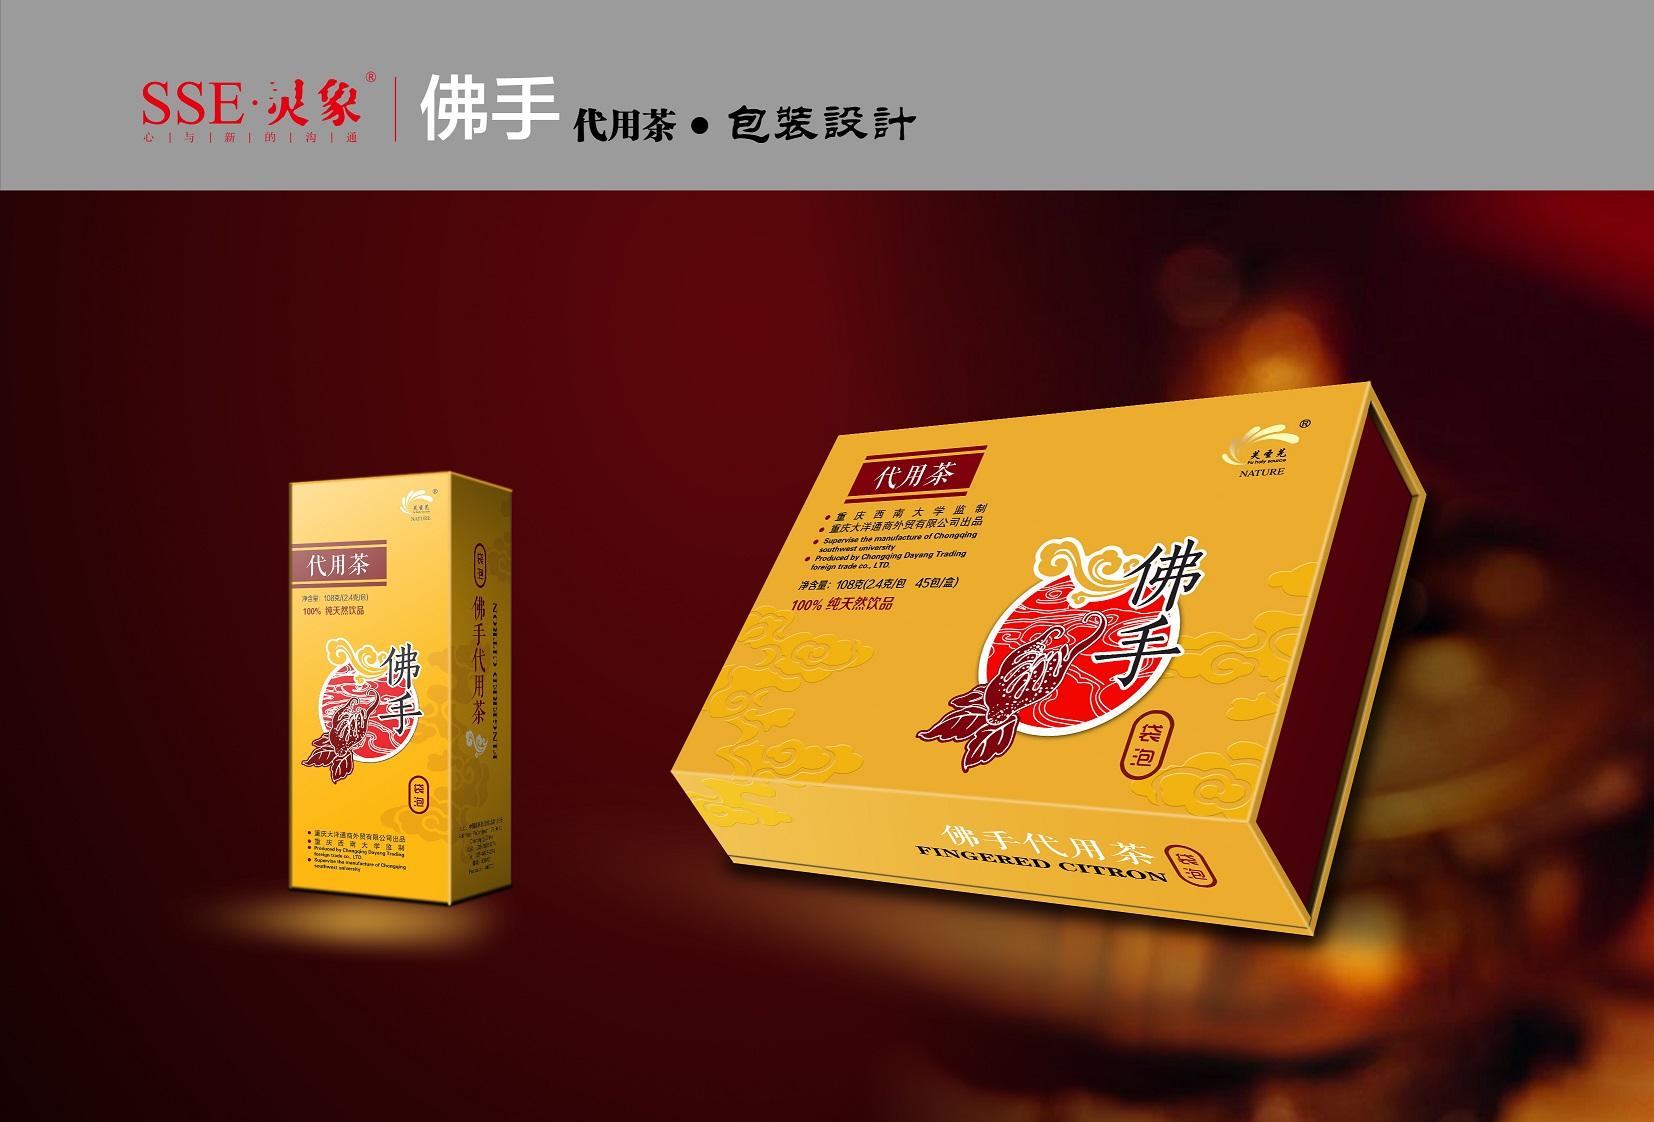 重庆大洋商贸养身茶包装-产品包装设计